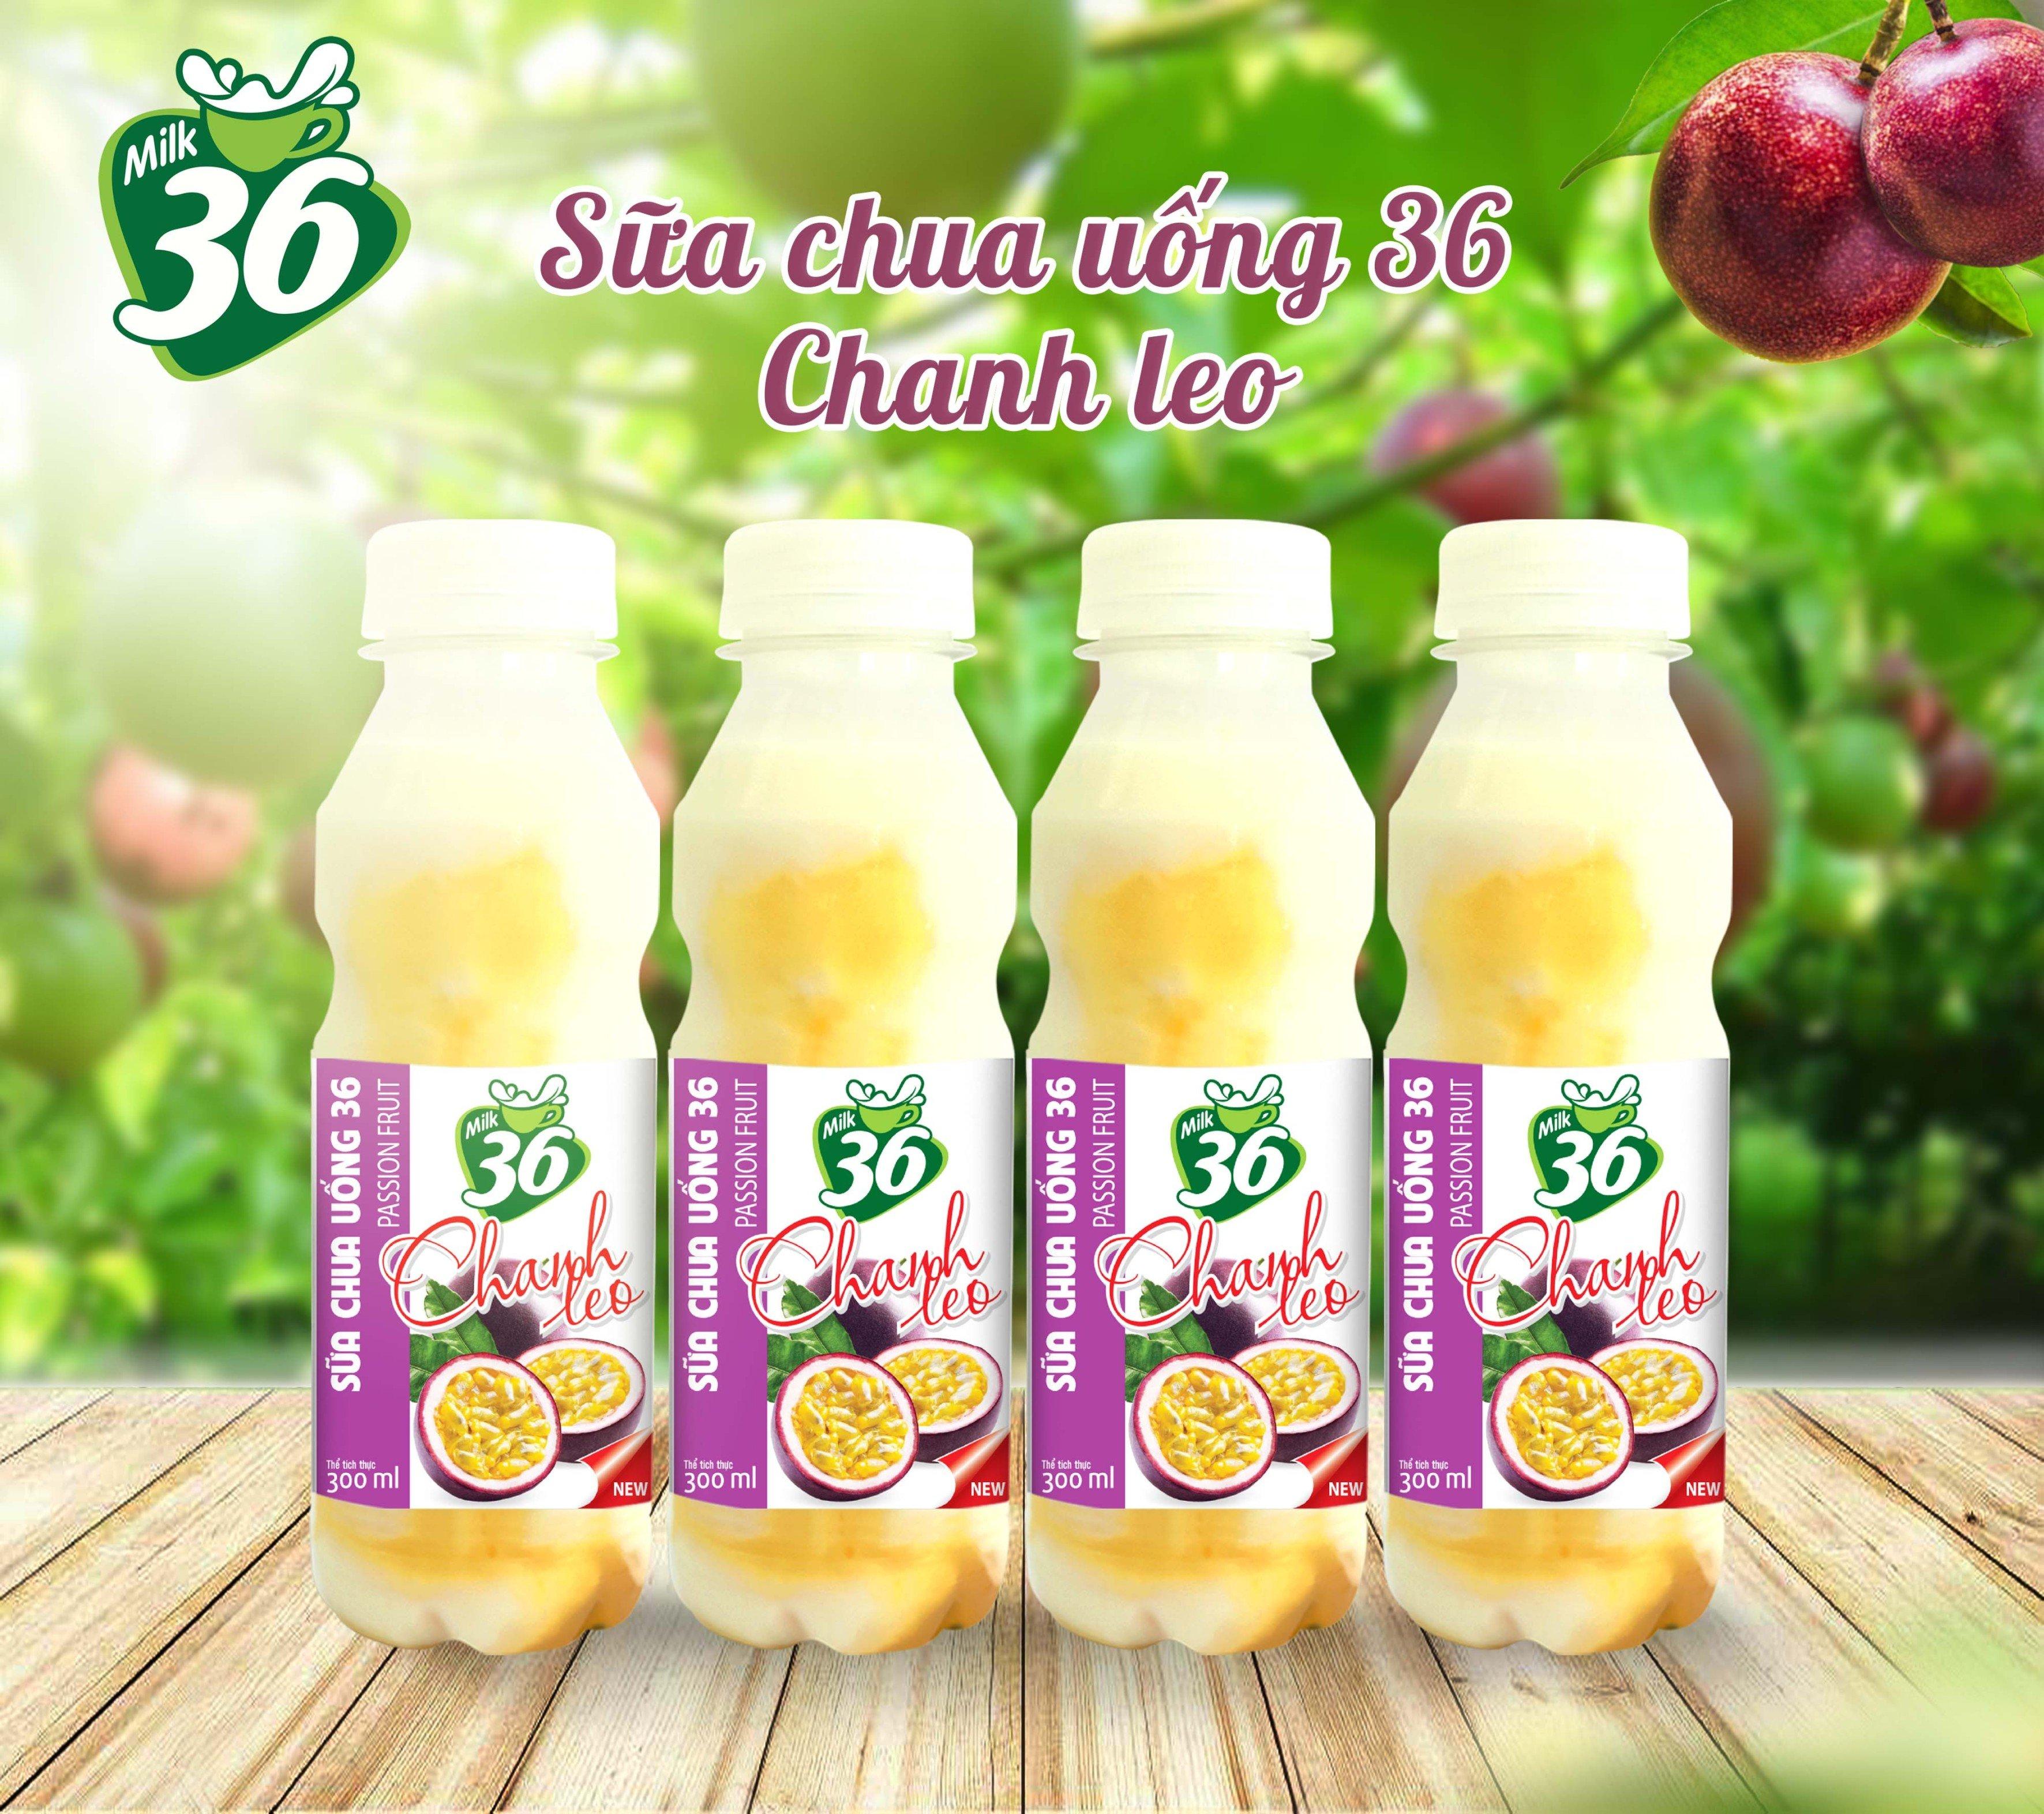 Sữa chua uống 36 chanh leo